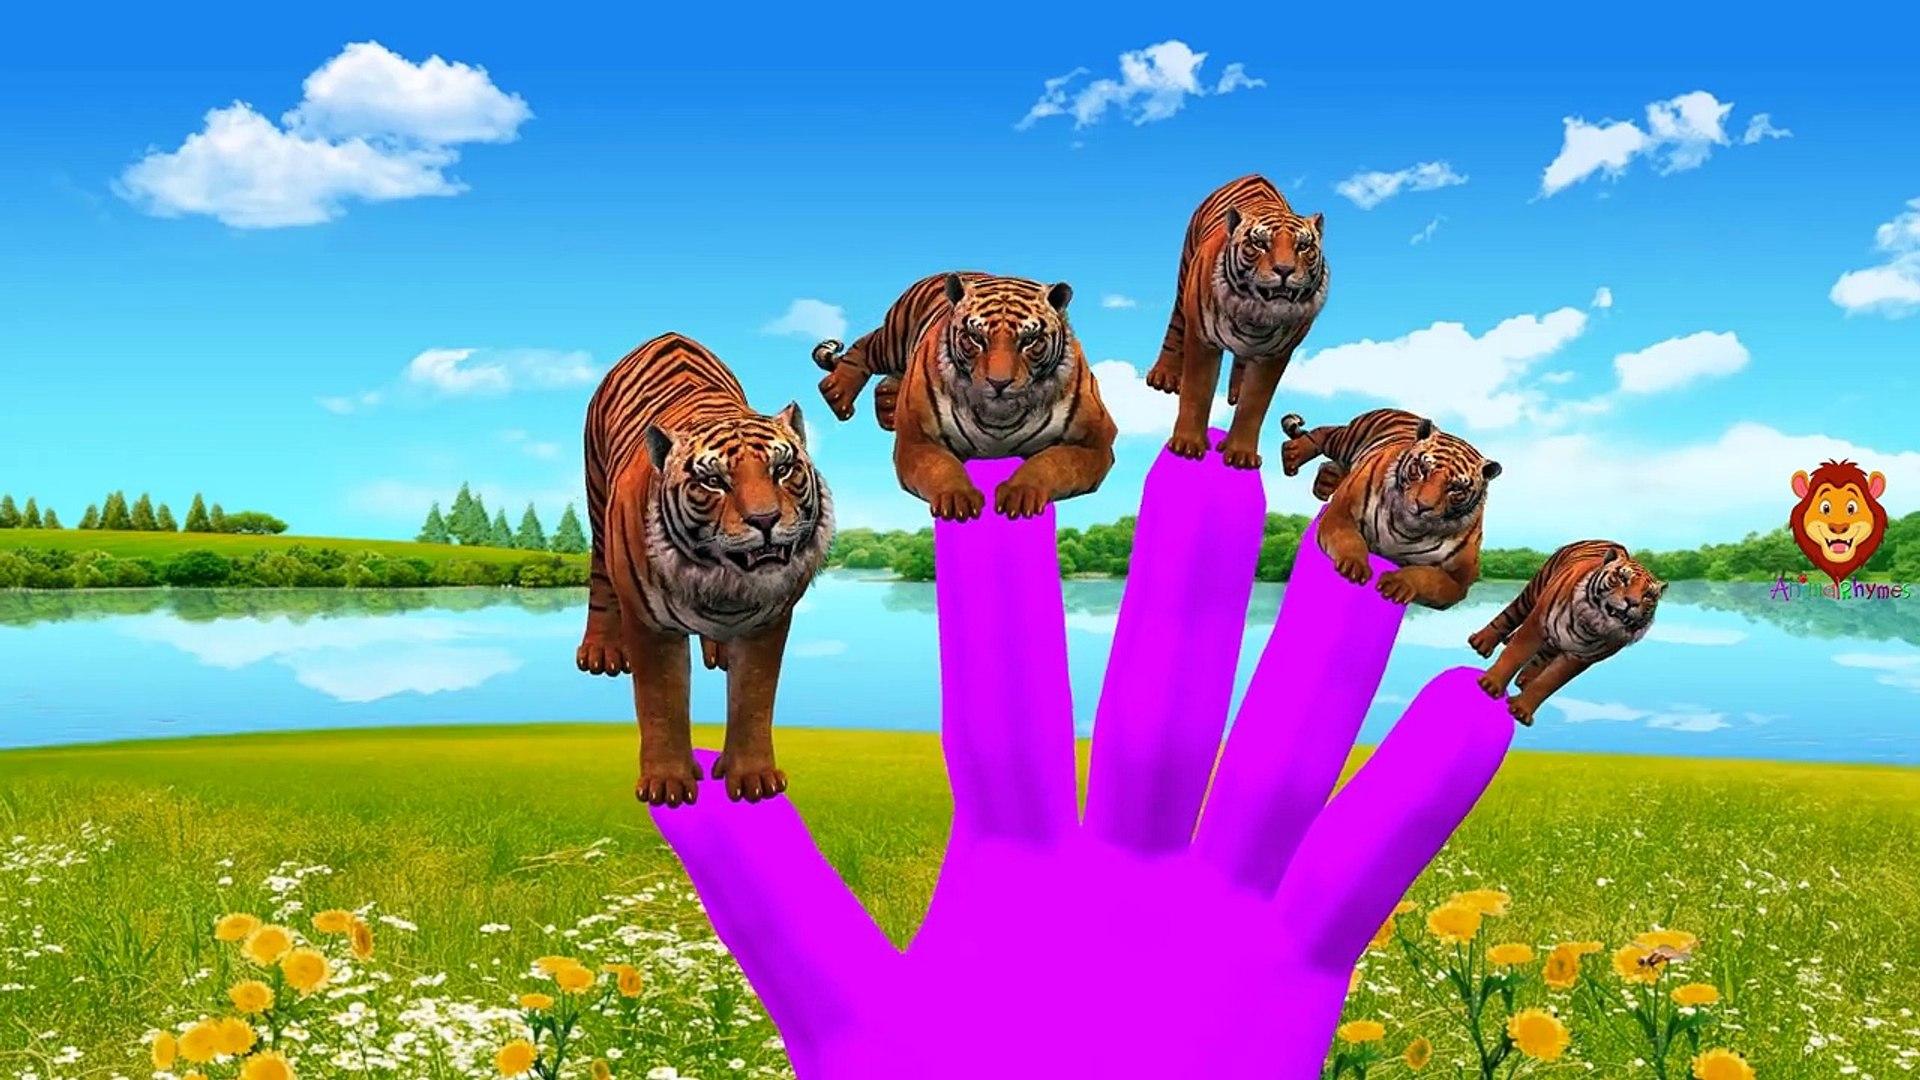 По бы Дети Семья бой палец к к к к к к лев питомник приклад рифмы Песня тигр против |